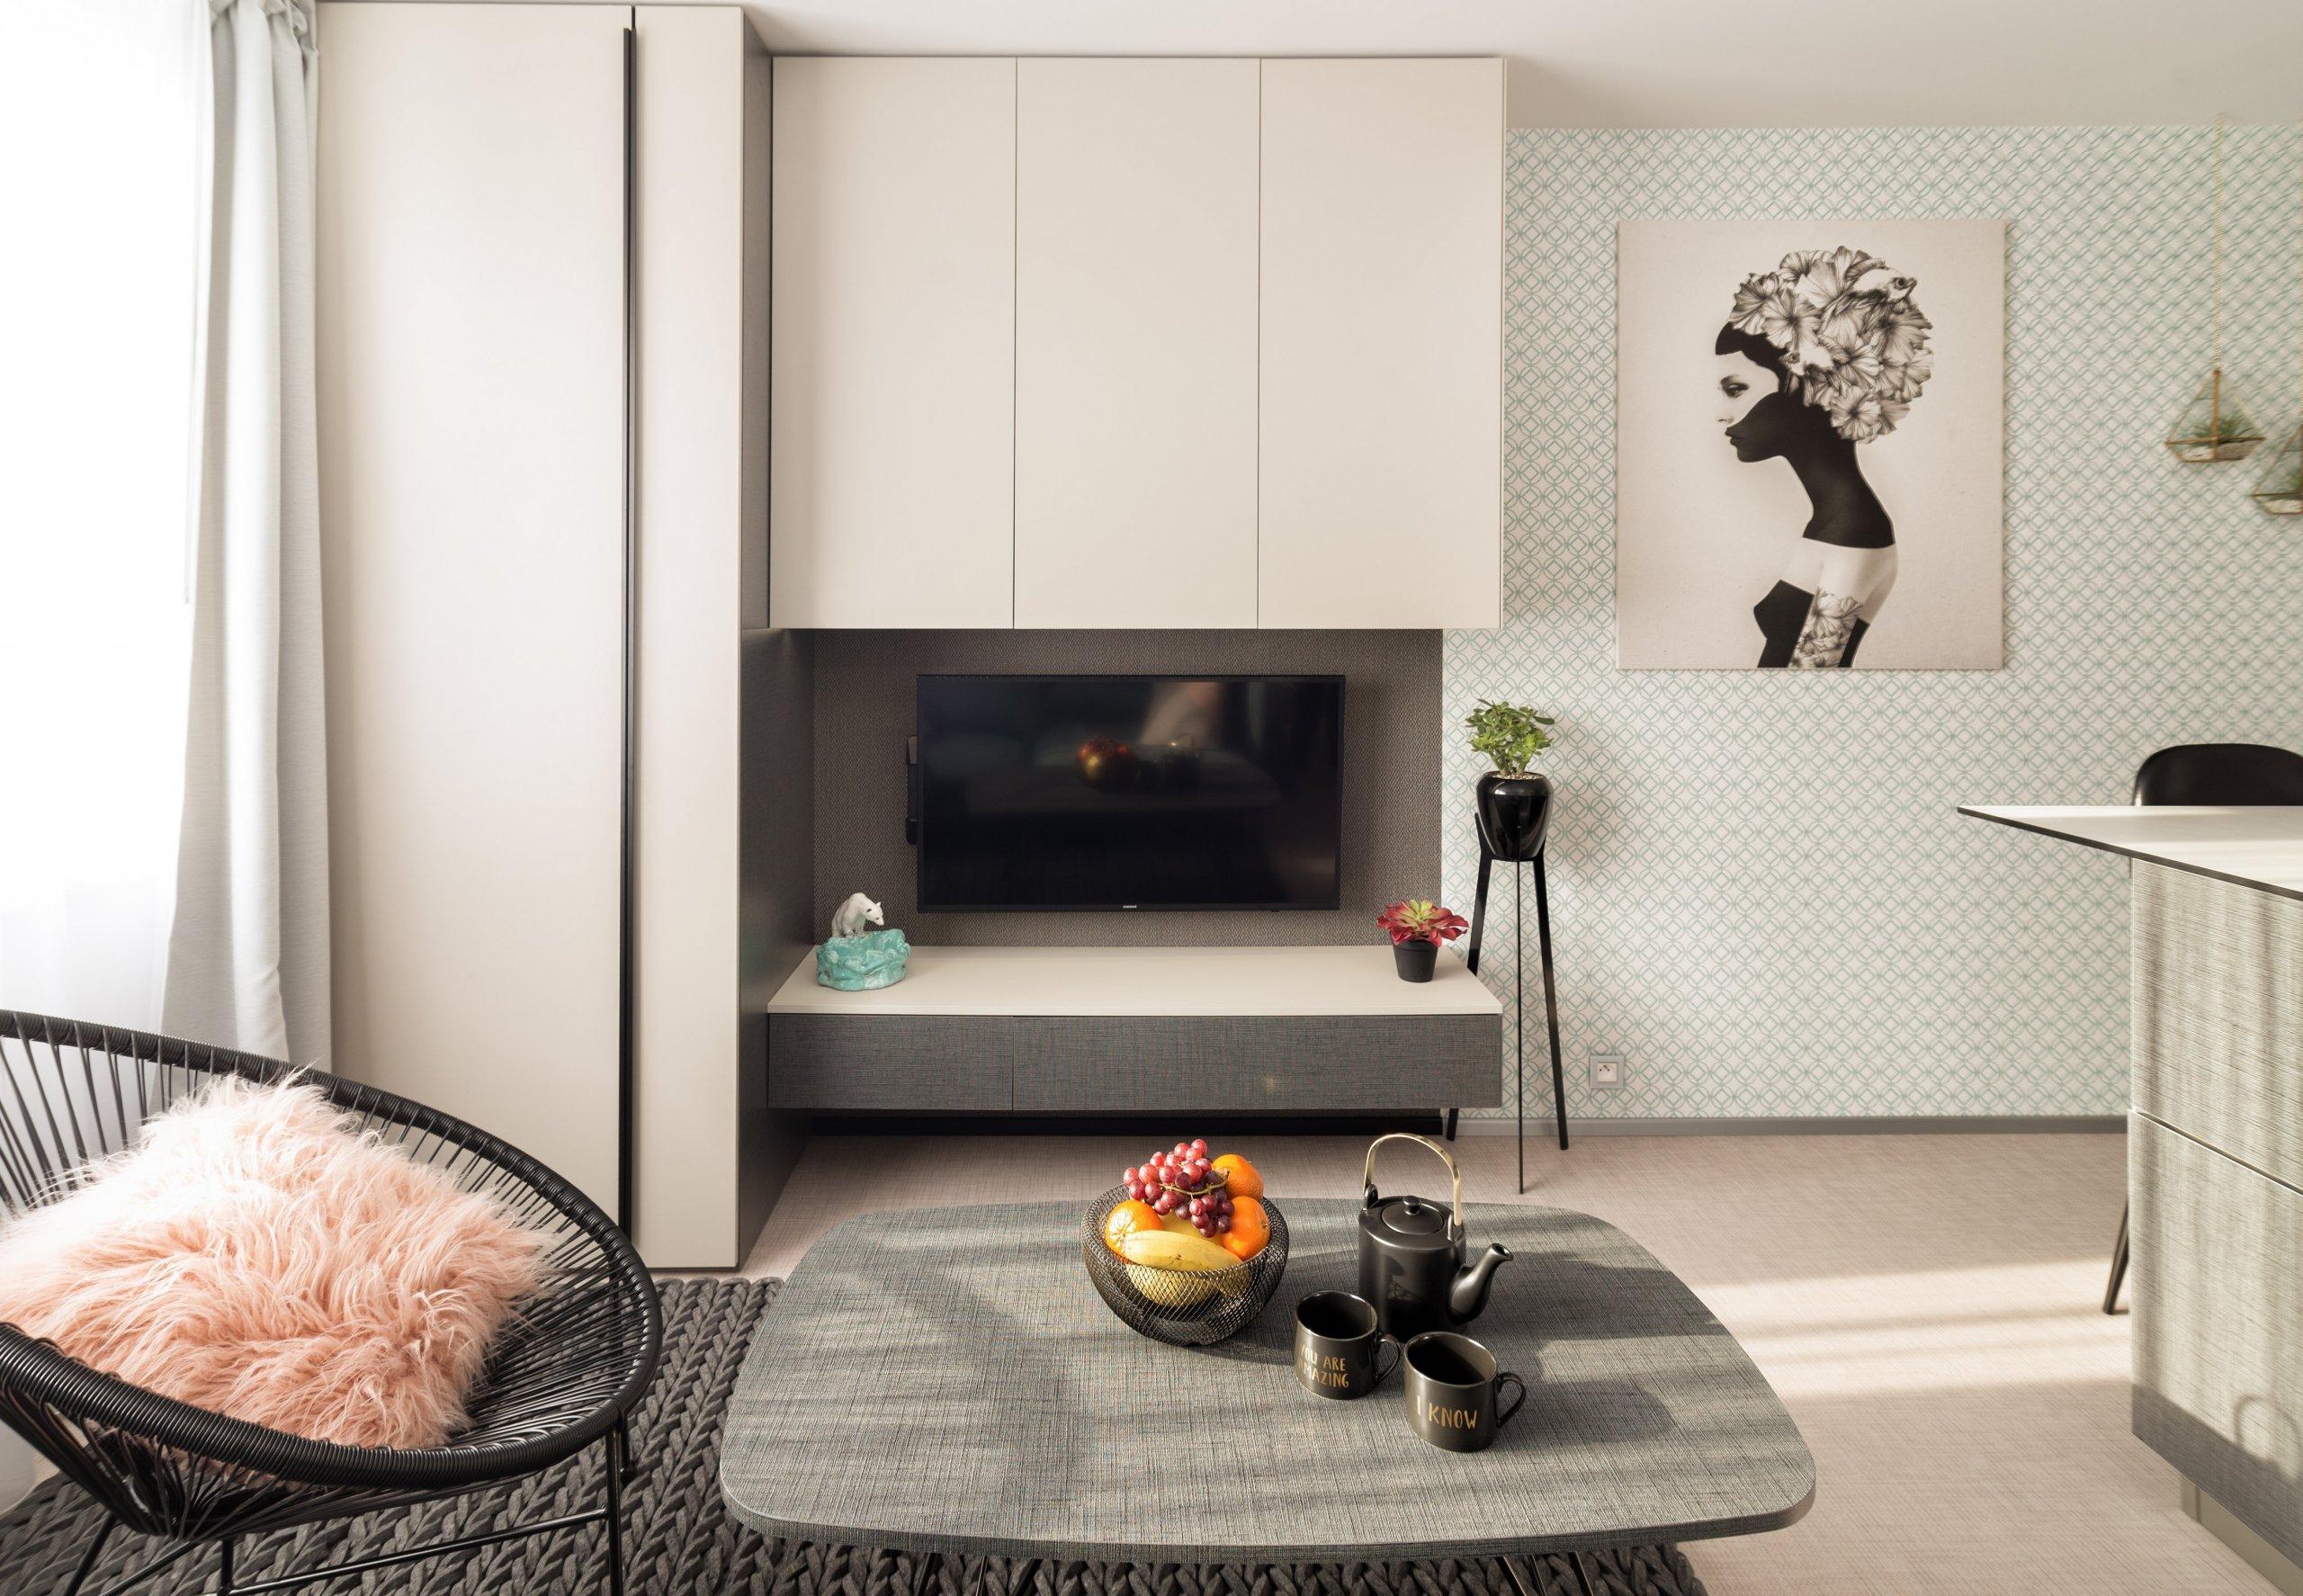 Jak bydlí designérka na 37 m2  Vzhledem ktomu, že jsem si bydlení navrhovala sama pro sebe, zadání jsem měla jasné: prostor bytu musí být otevřený a…